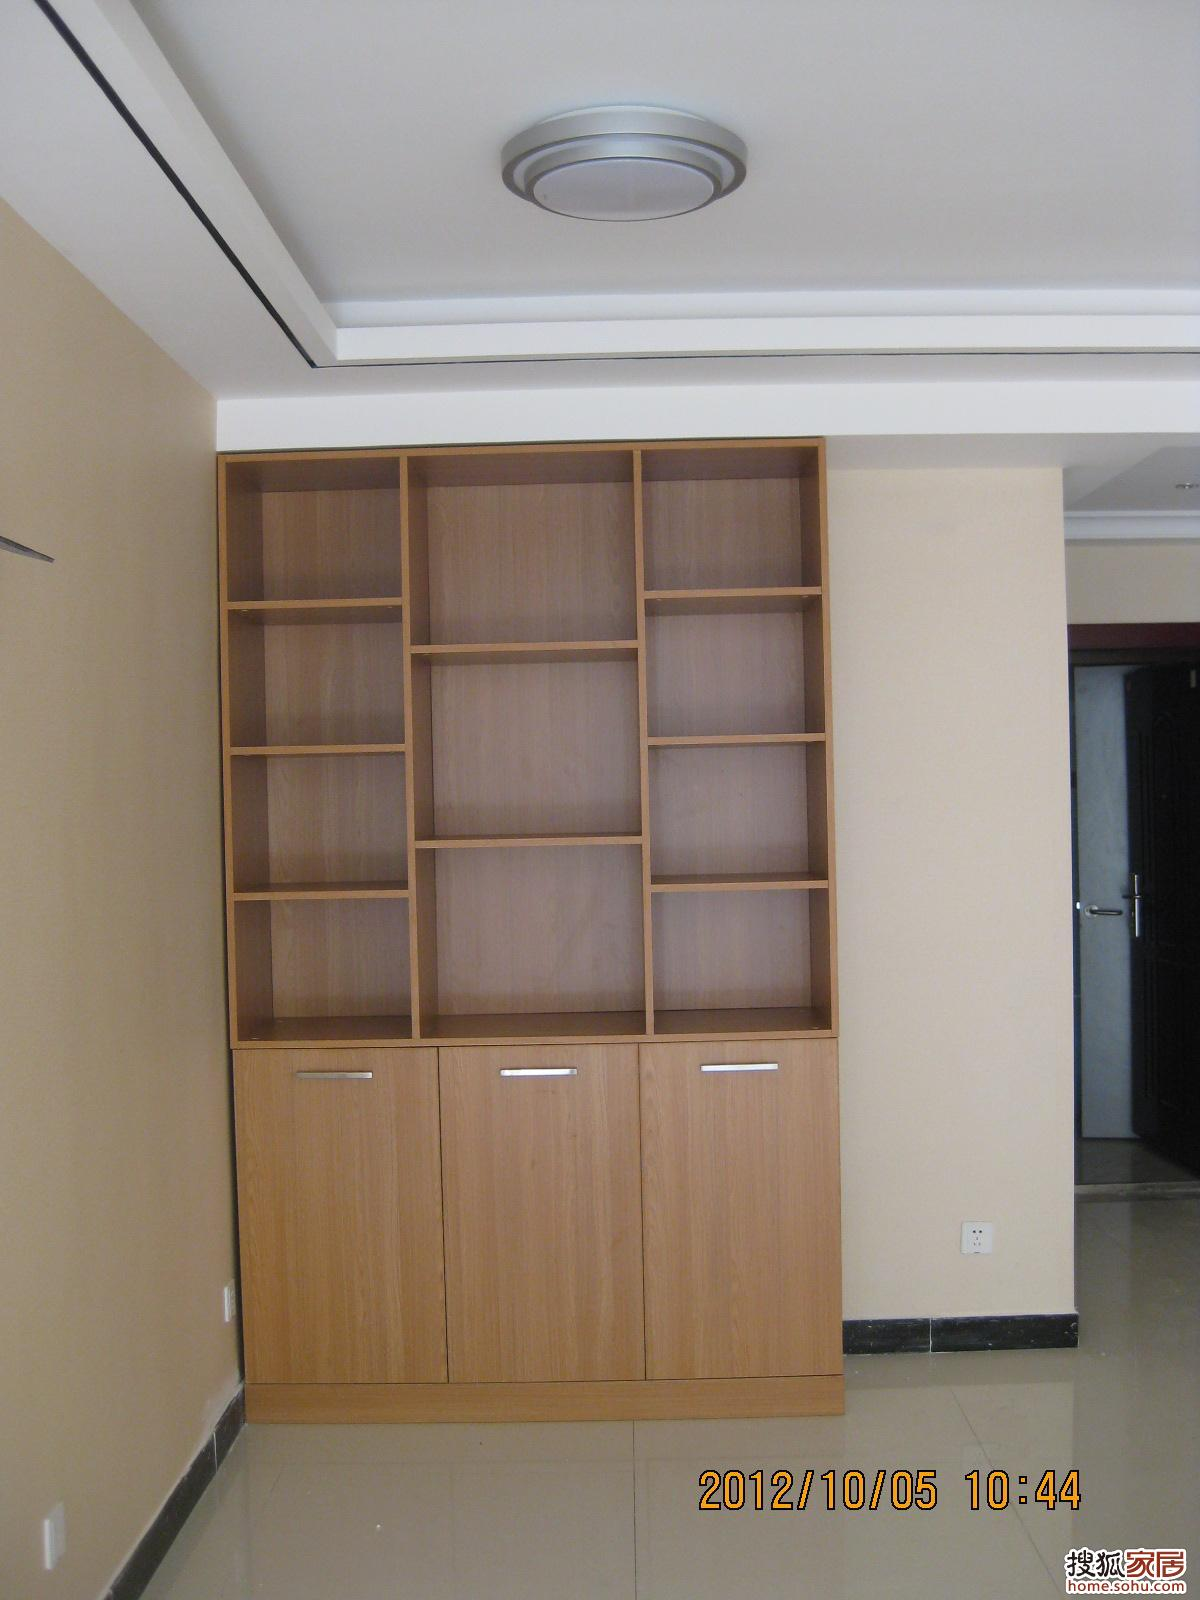 酒柜鞋柜一体柜效果图|进门鞋柜酒柜一体图片|进门靠墙鞋柜酒柜一体图片